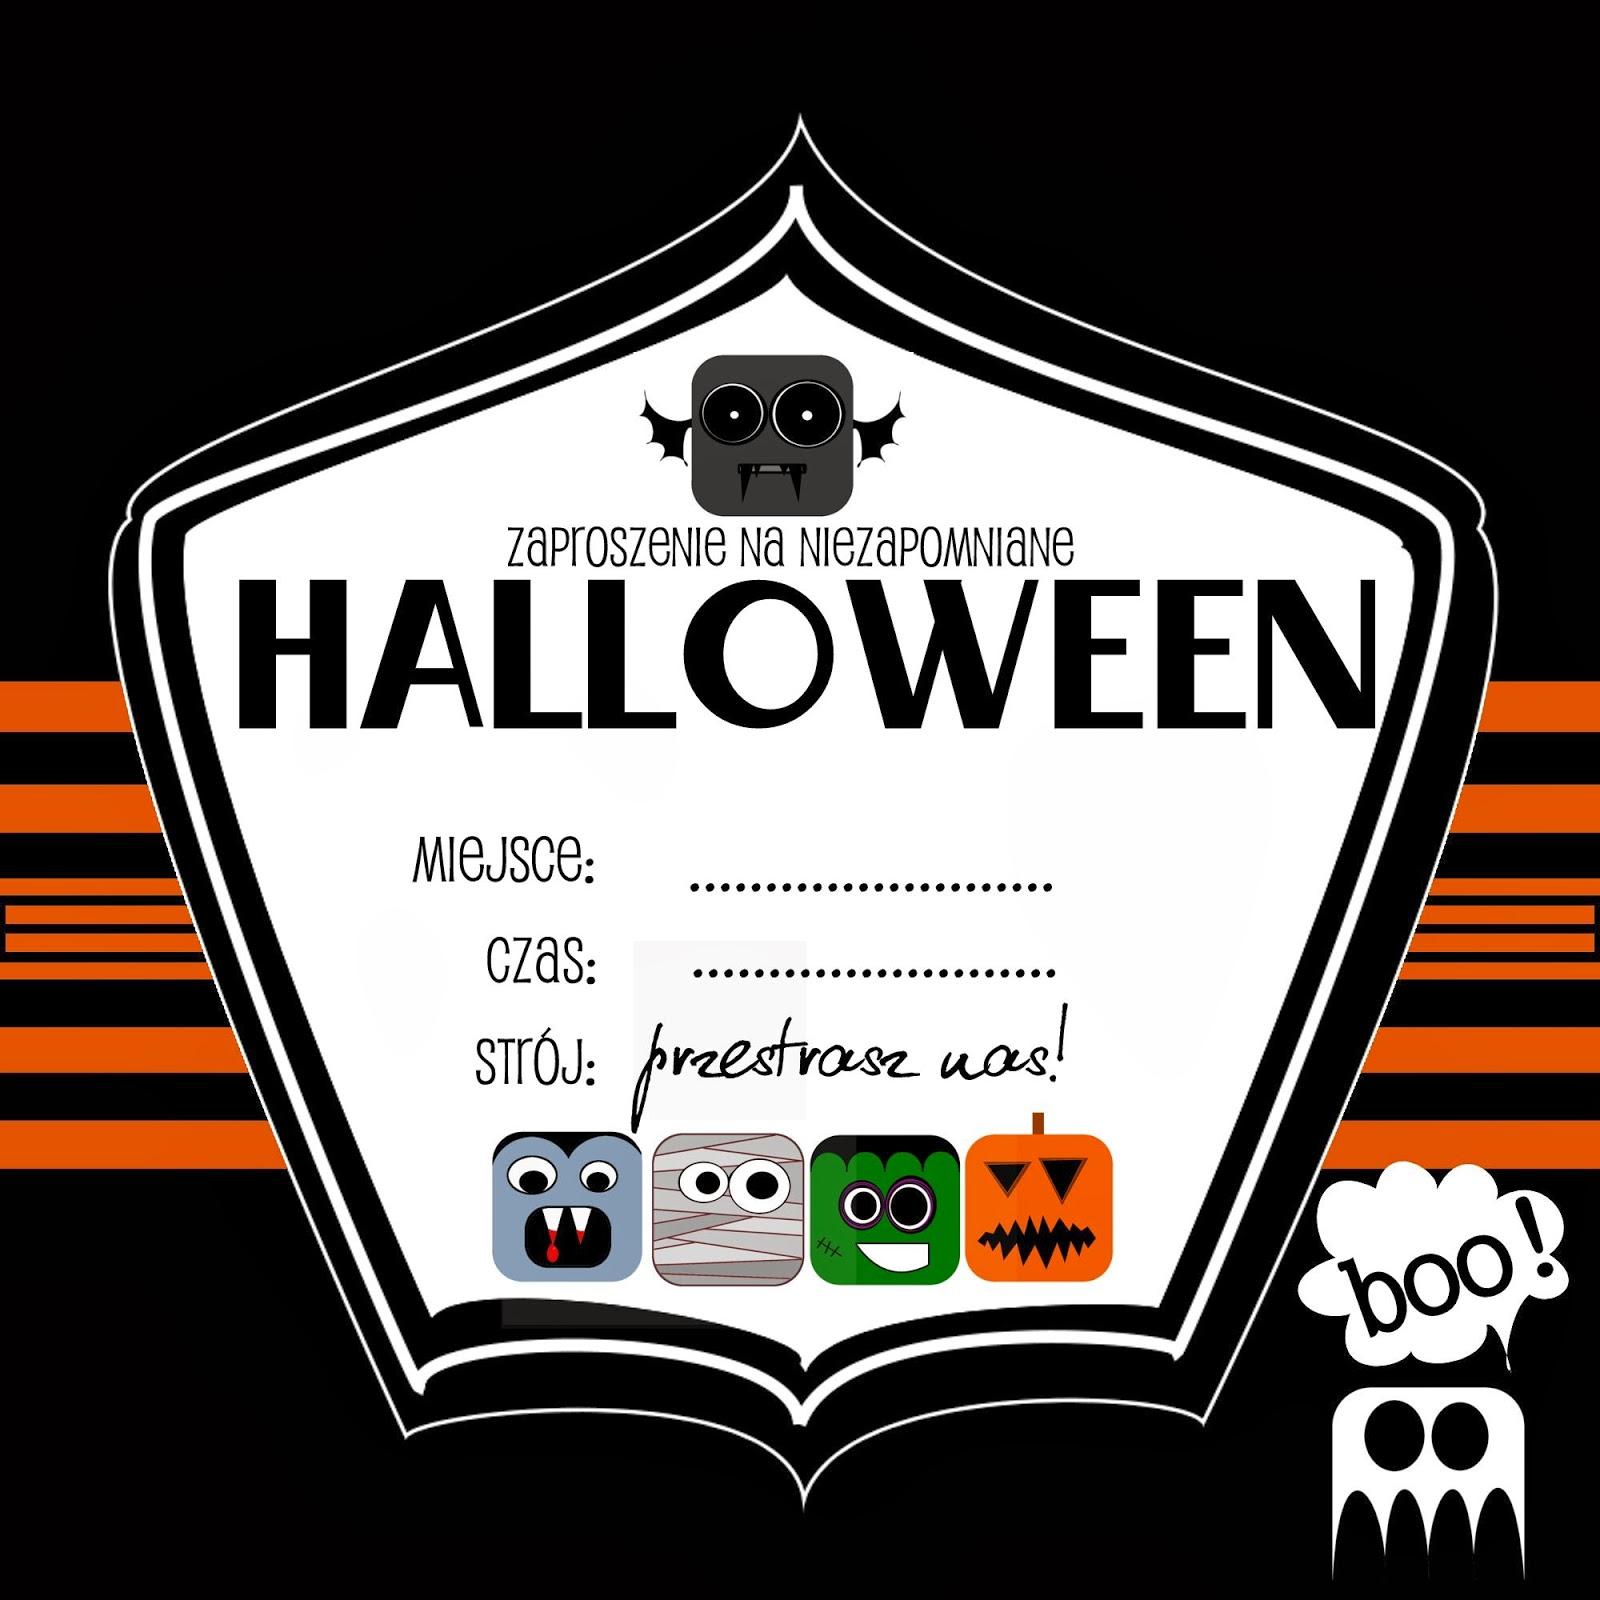 Kolorowe Gotowanie Zdrowe I Dające Ogromną Radość Halloween Party